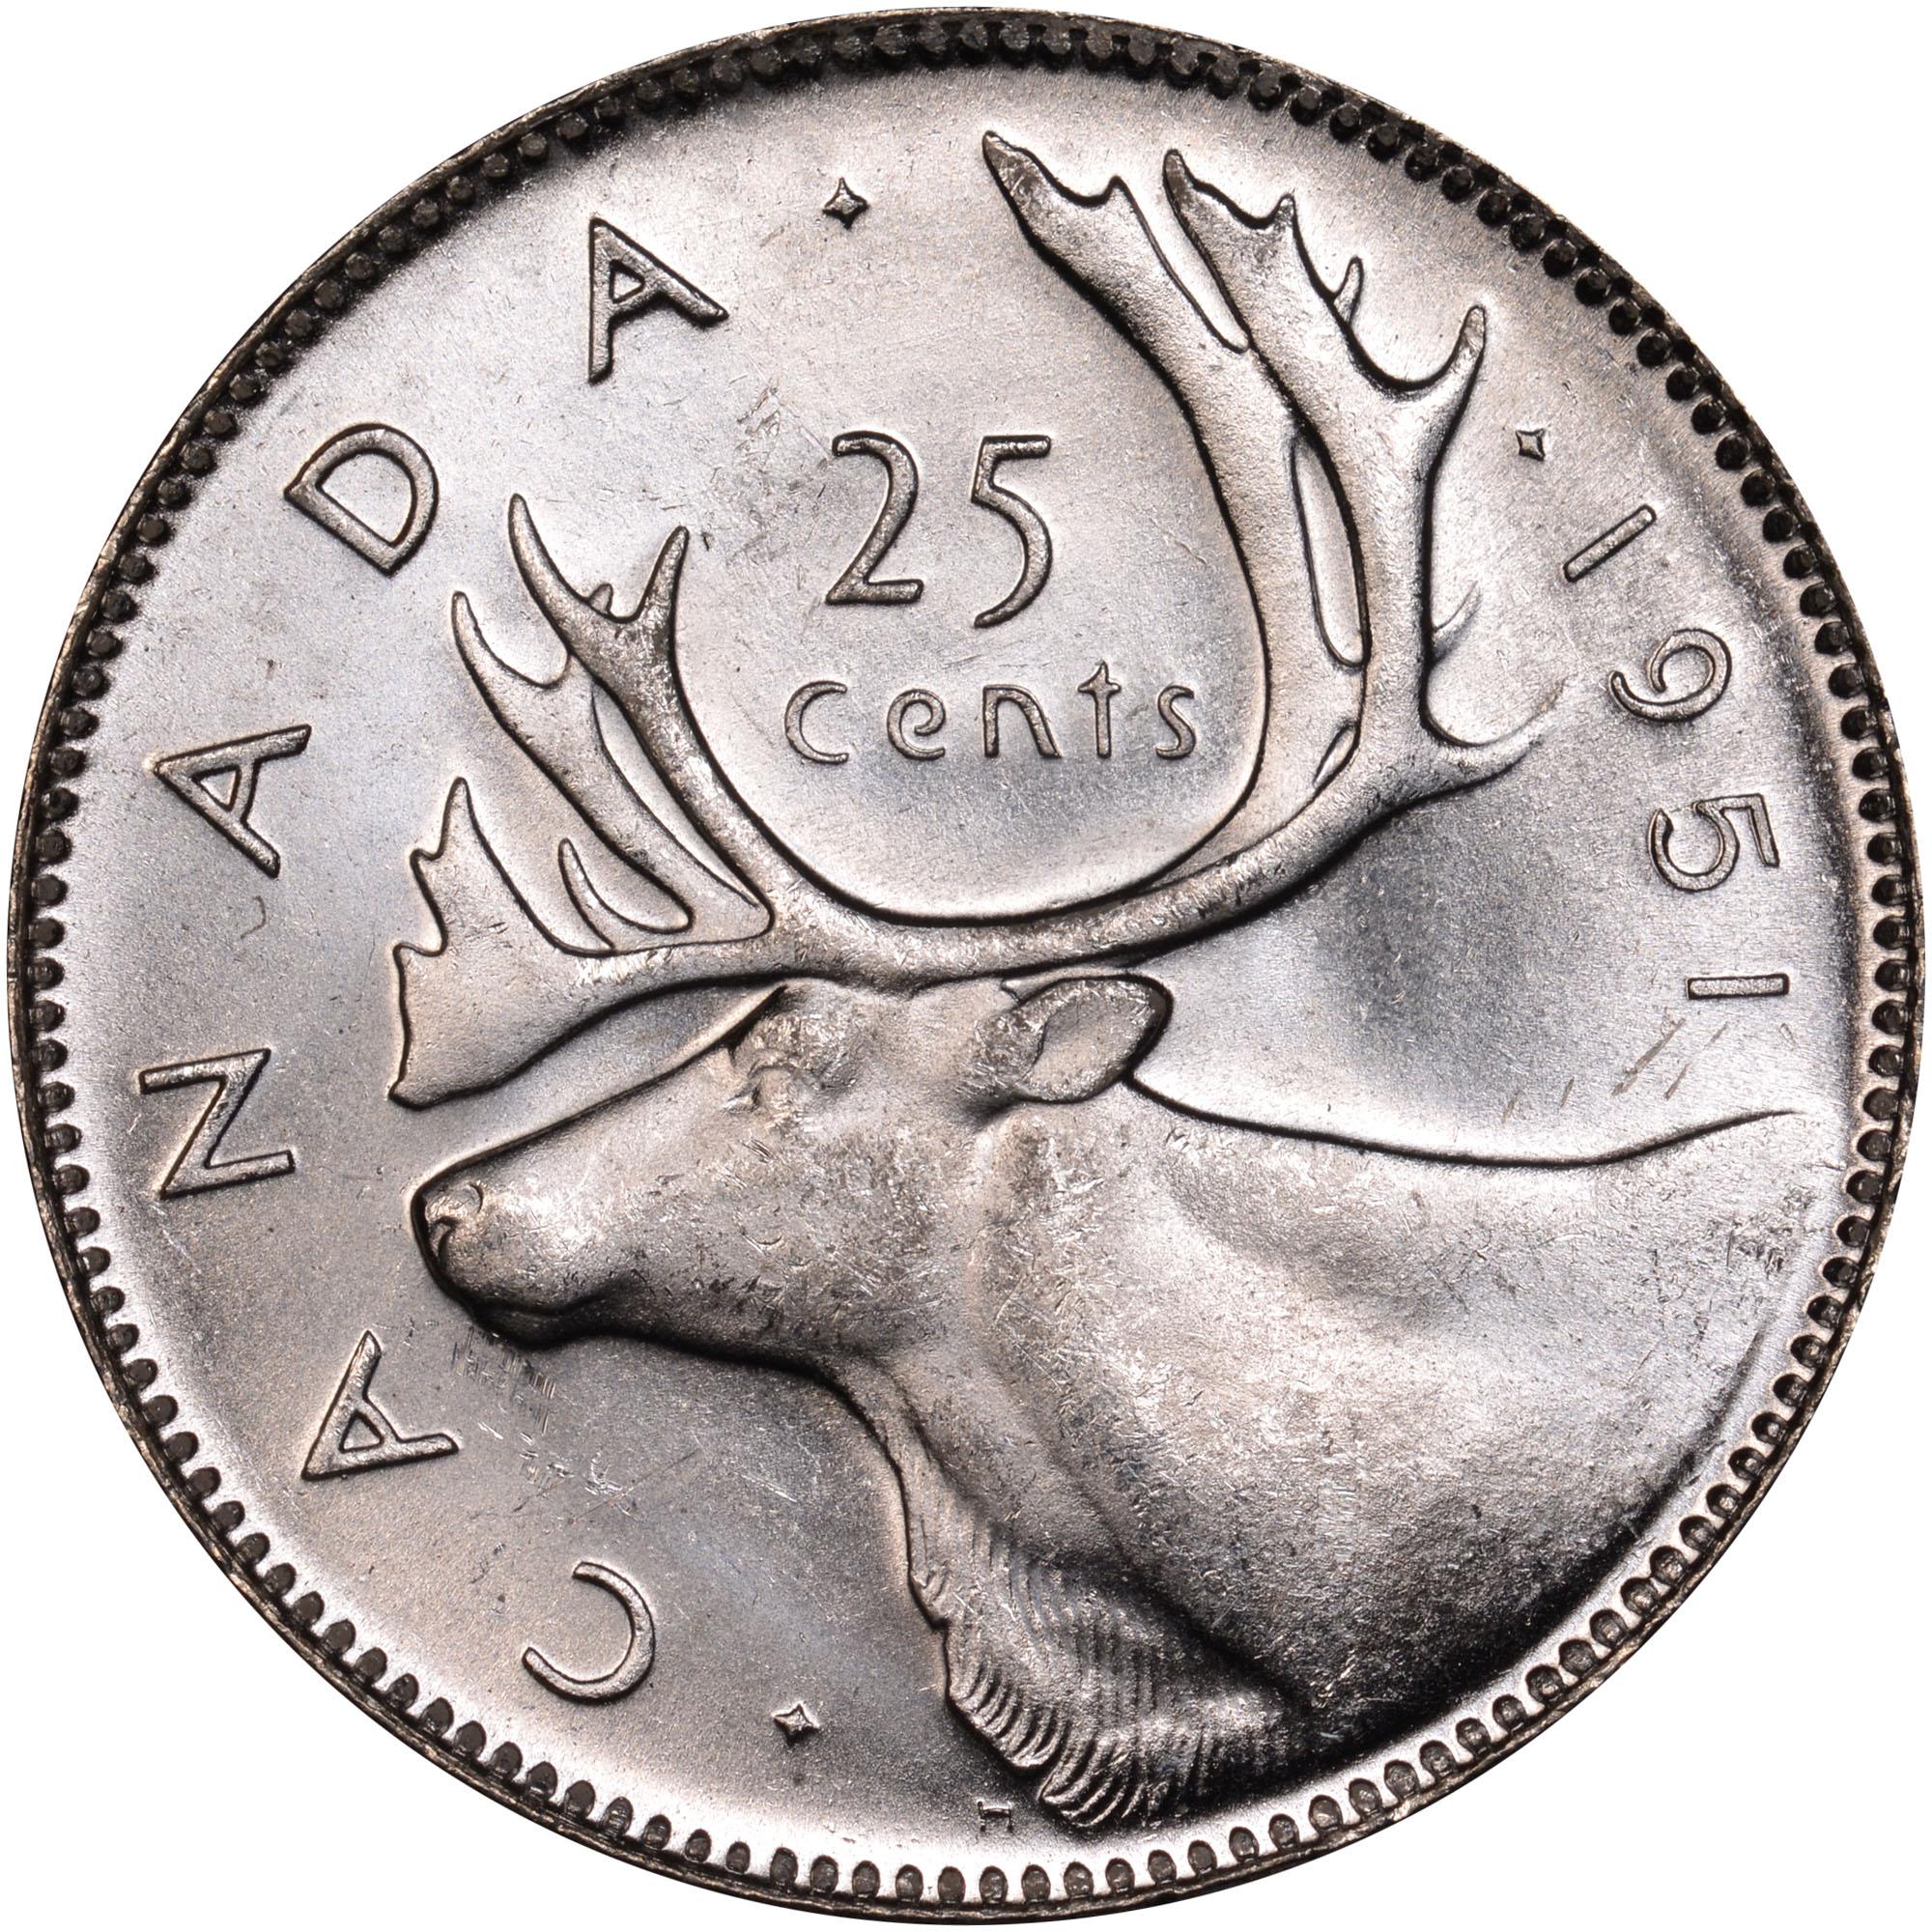 سکه کوارتر 25 سنتی کانادا که از جنس نقره ساخته میشود